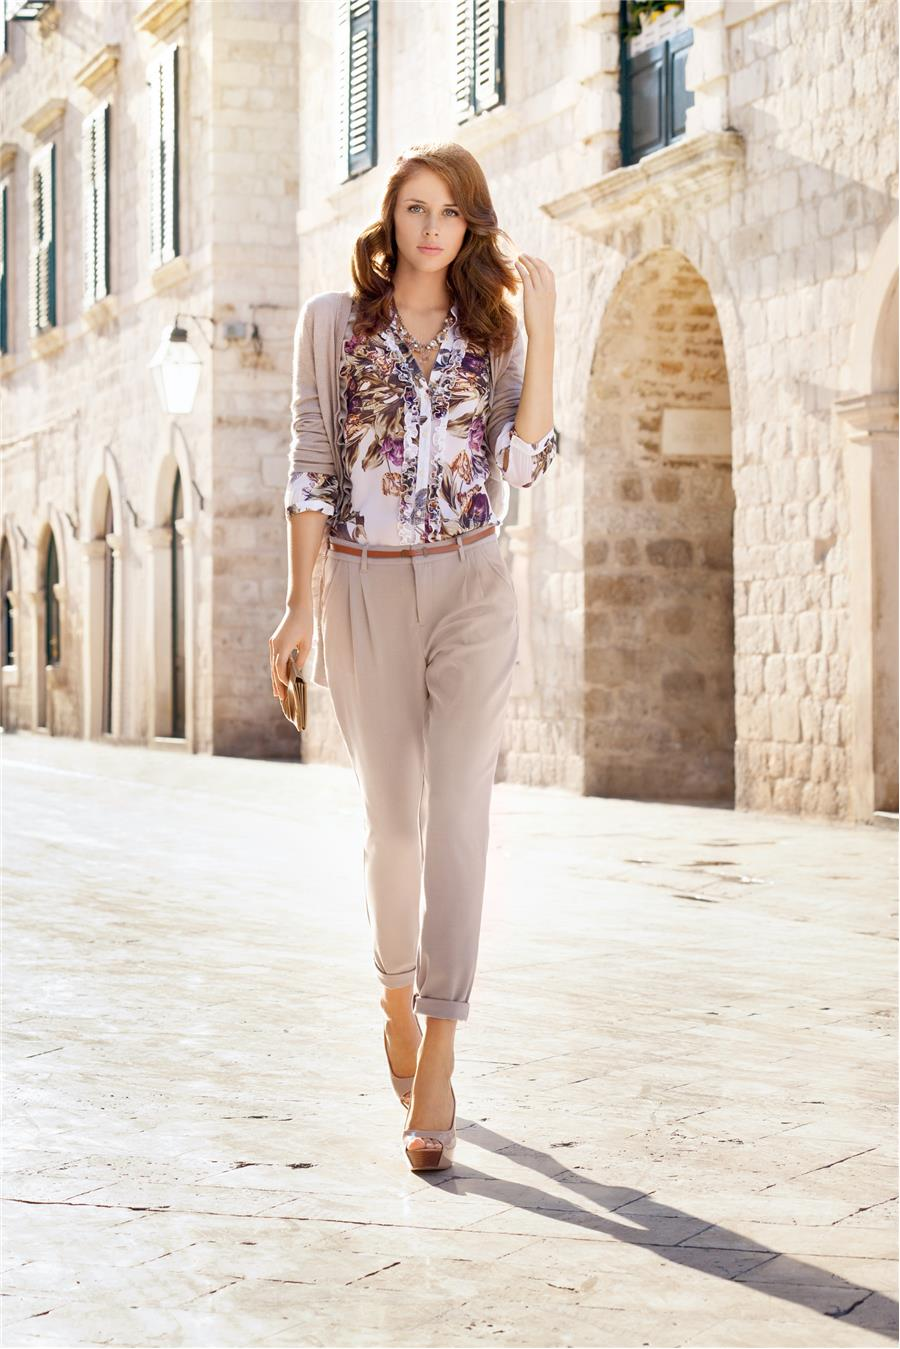 Красивые девушки с брюками фото